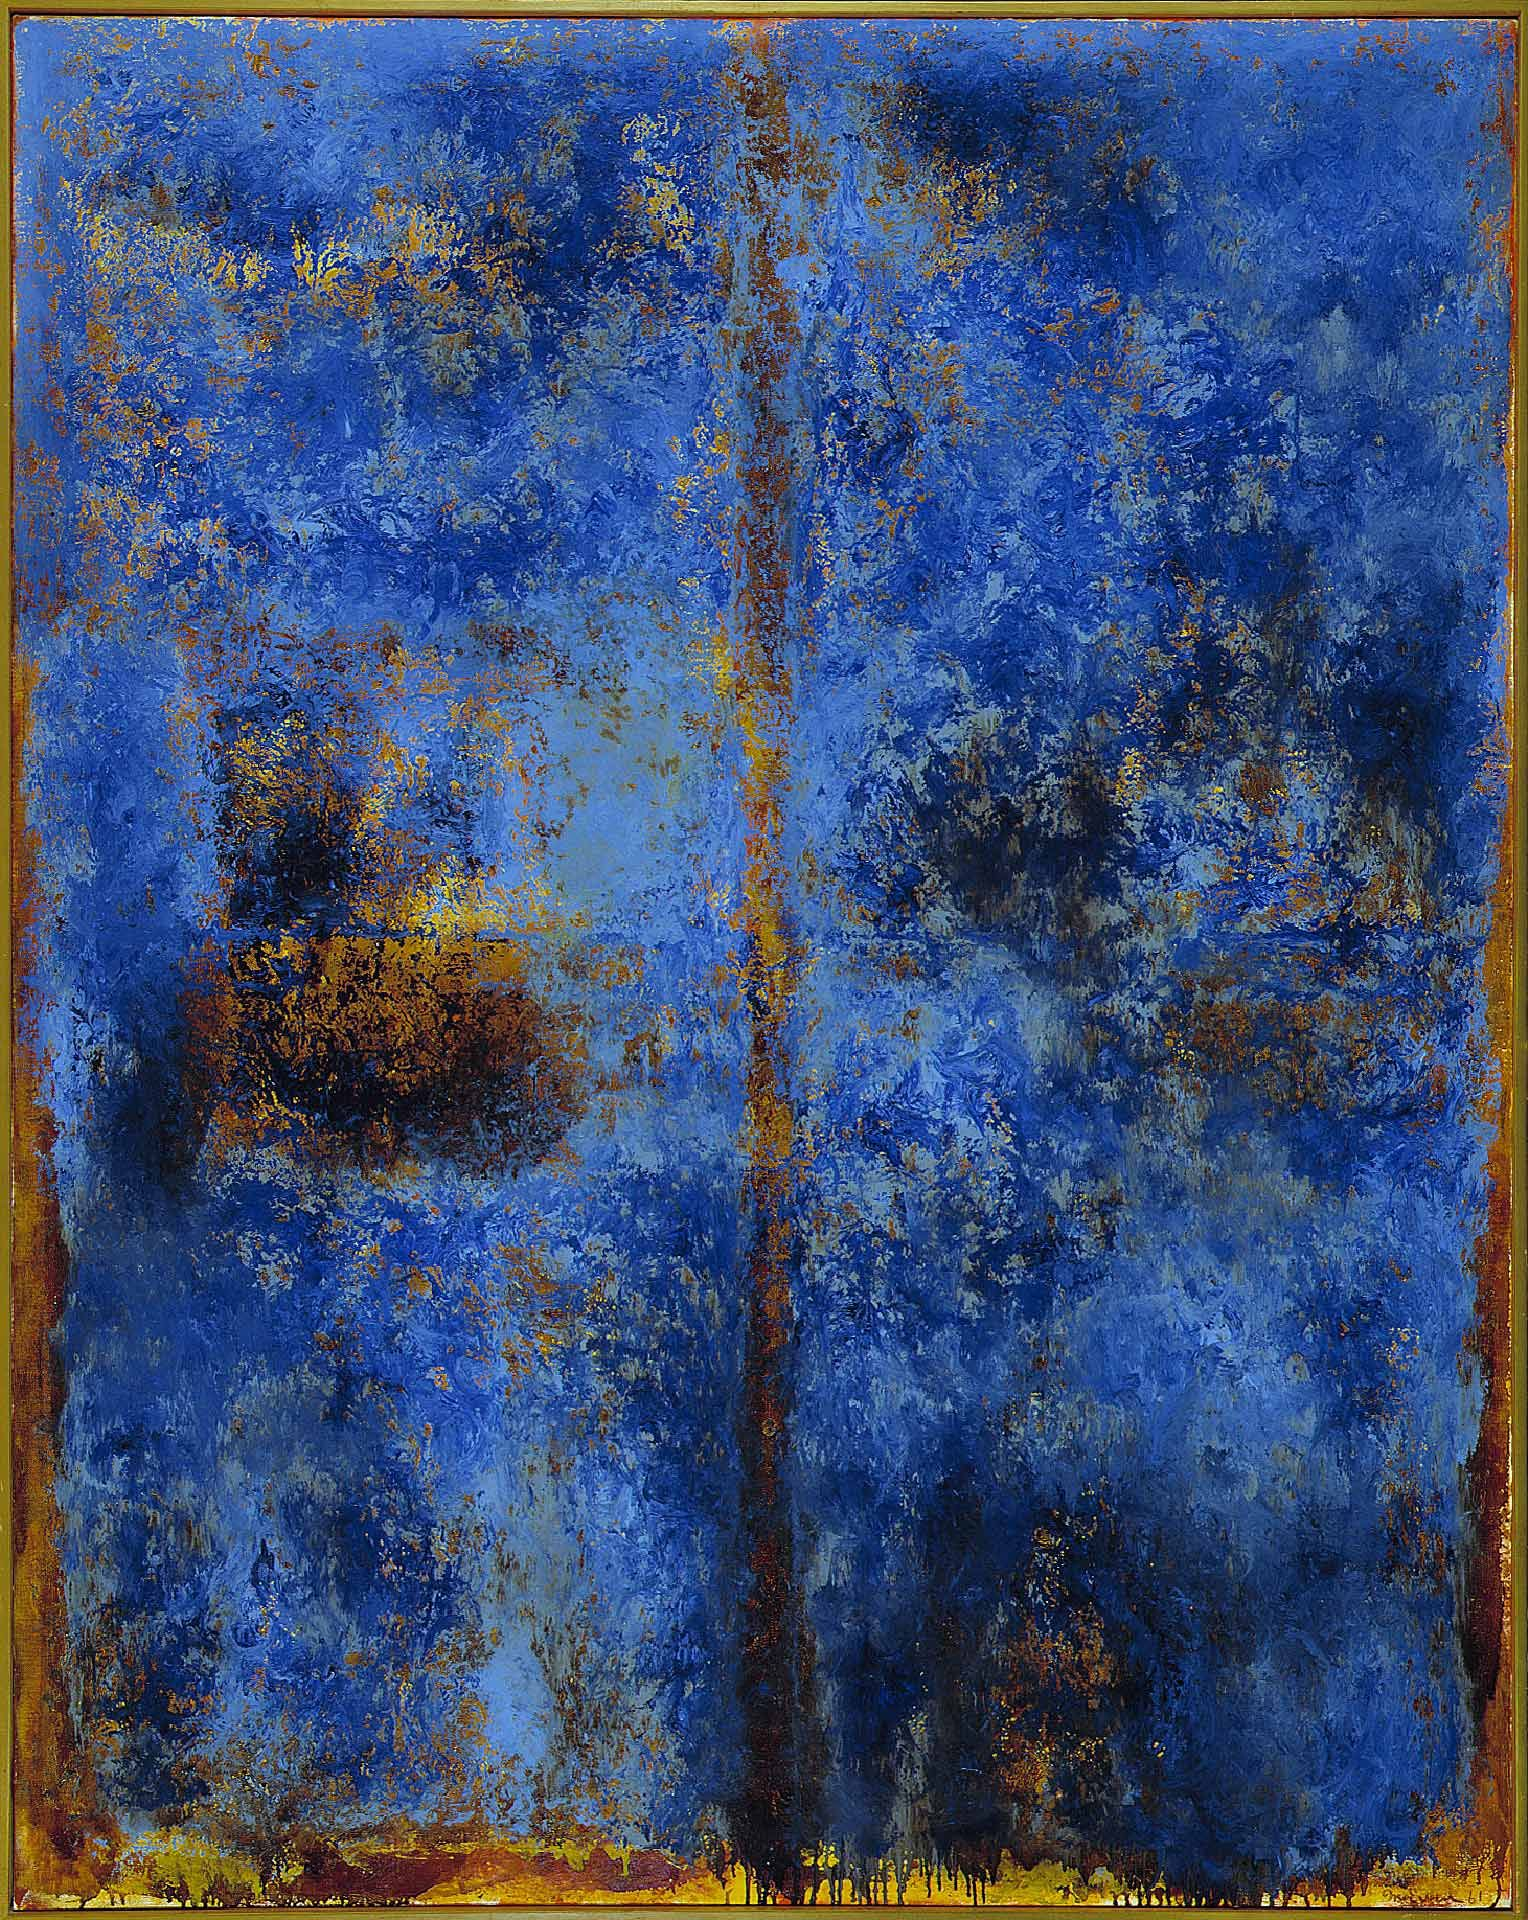 Jean McEwen (1923-1999), Meurtrière traversant le bleu, 1961, huile et vernis sur toile. MBAM, achat, fonds M. et Mme Gérard O. Beaulieu. © Succession Jean McEwen / SOCAN (2019). Photo MBAM.